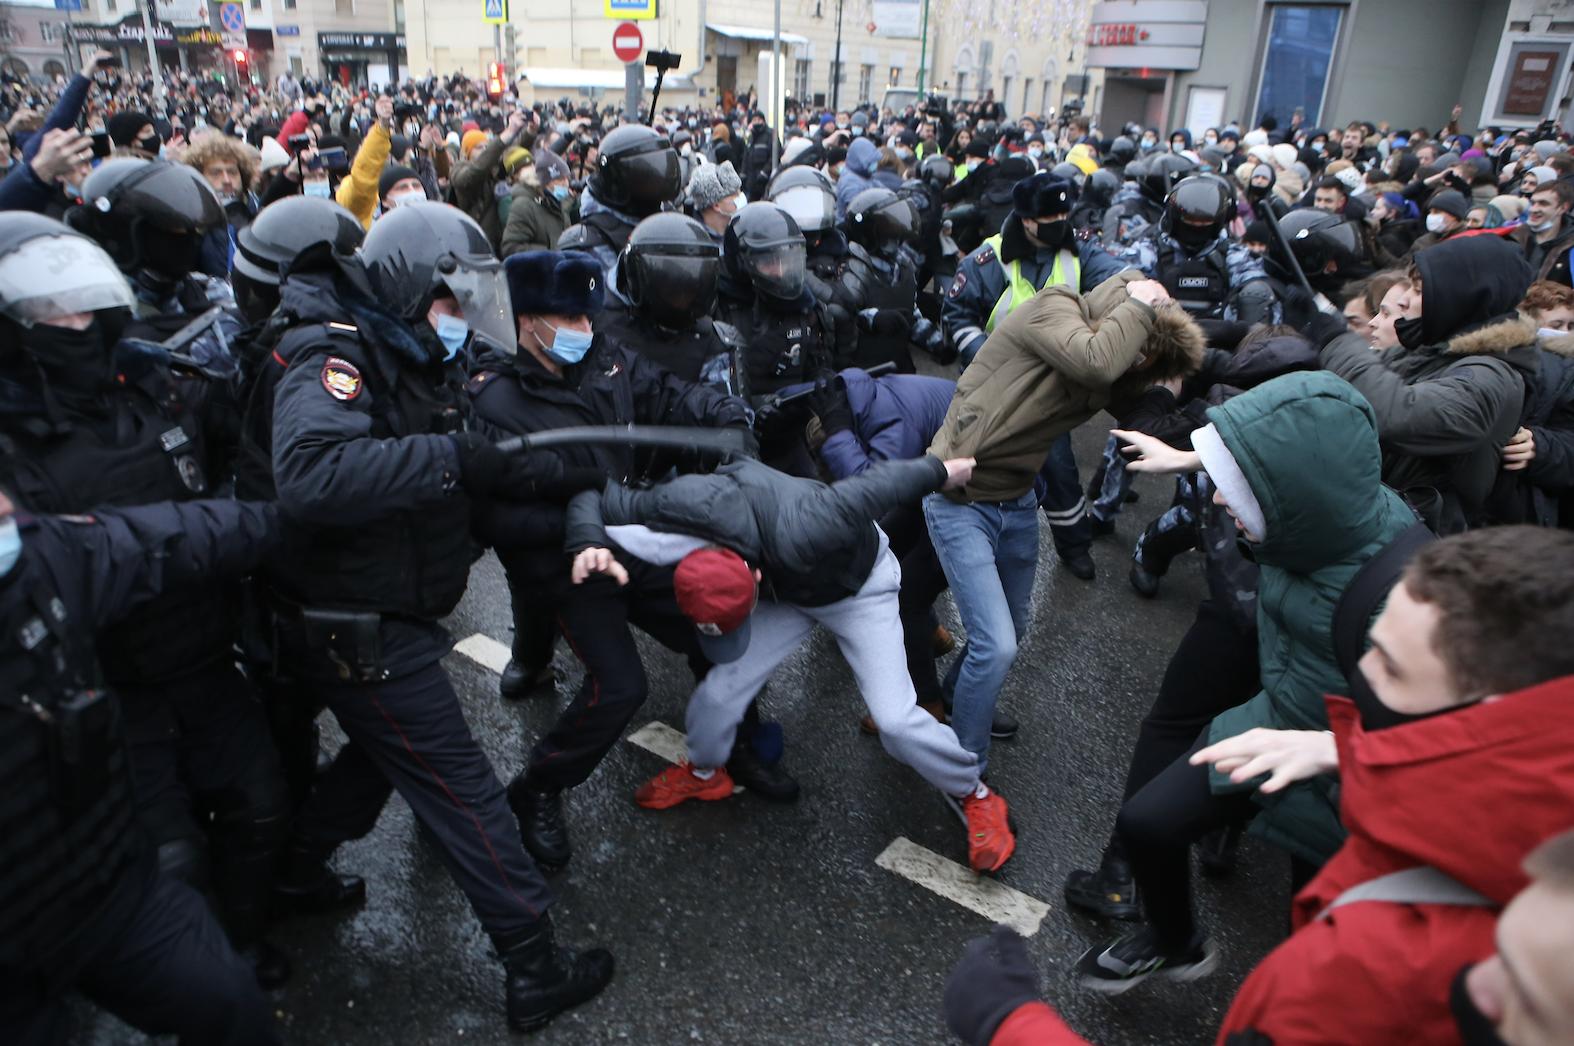 СКР сообщил о расследовании 21 уголовного дела после незаконных акций 23 января